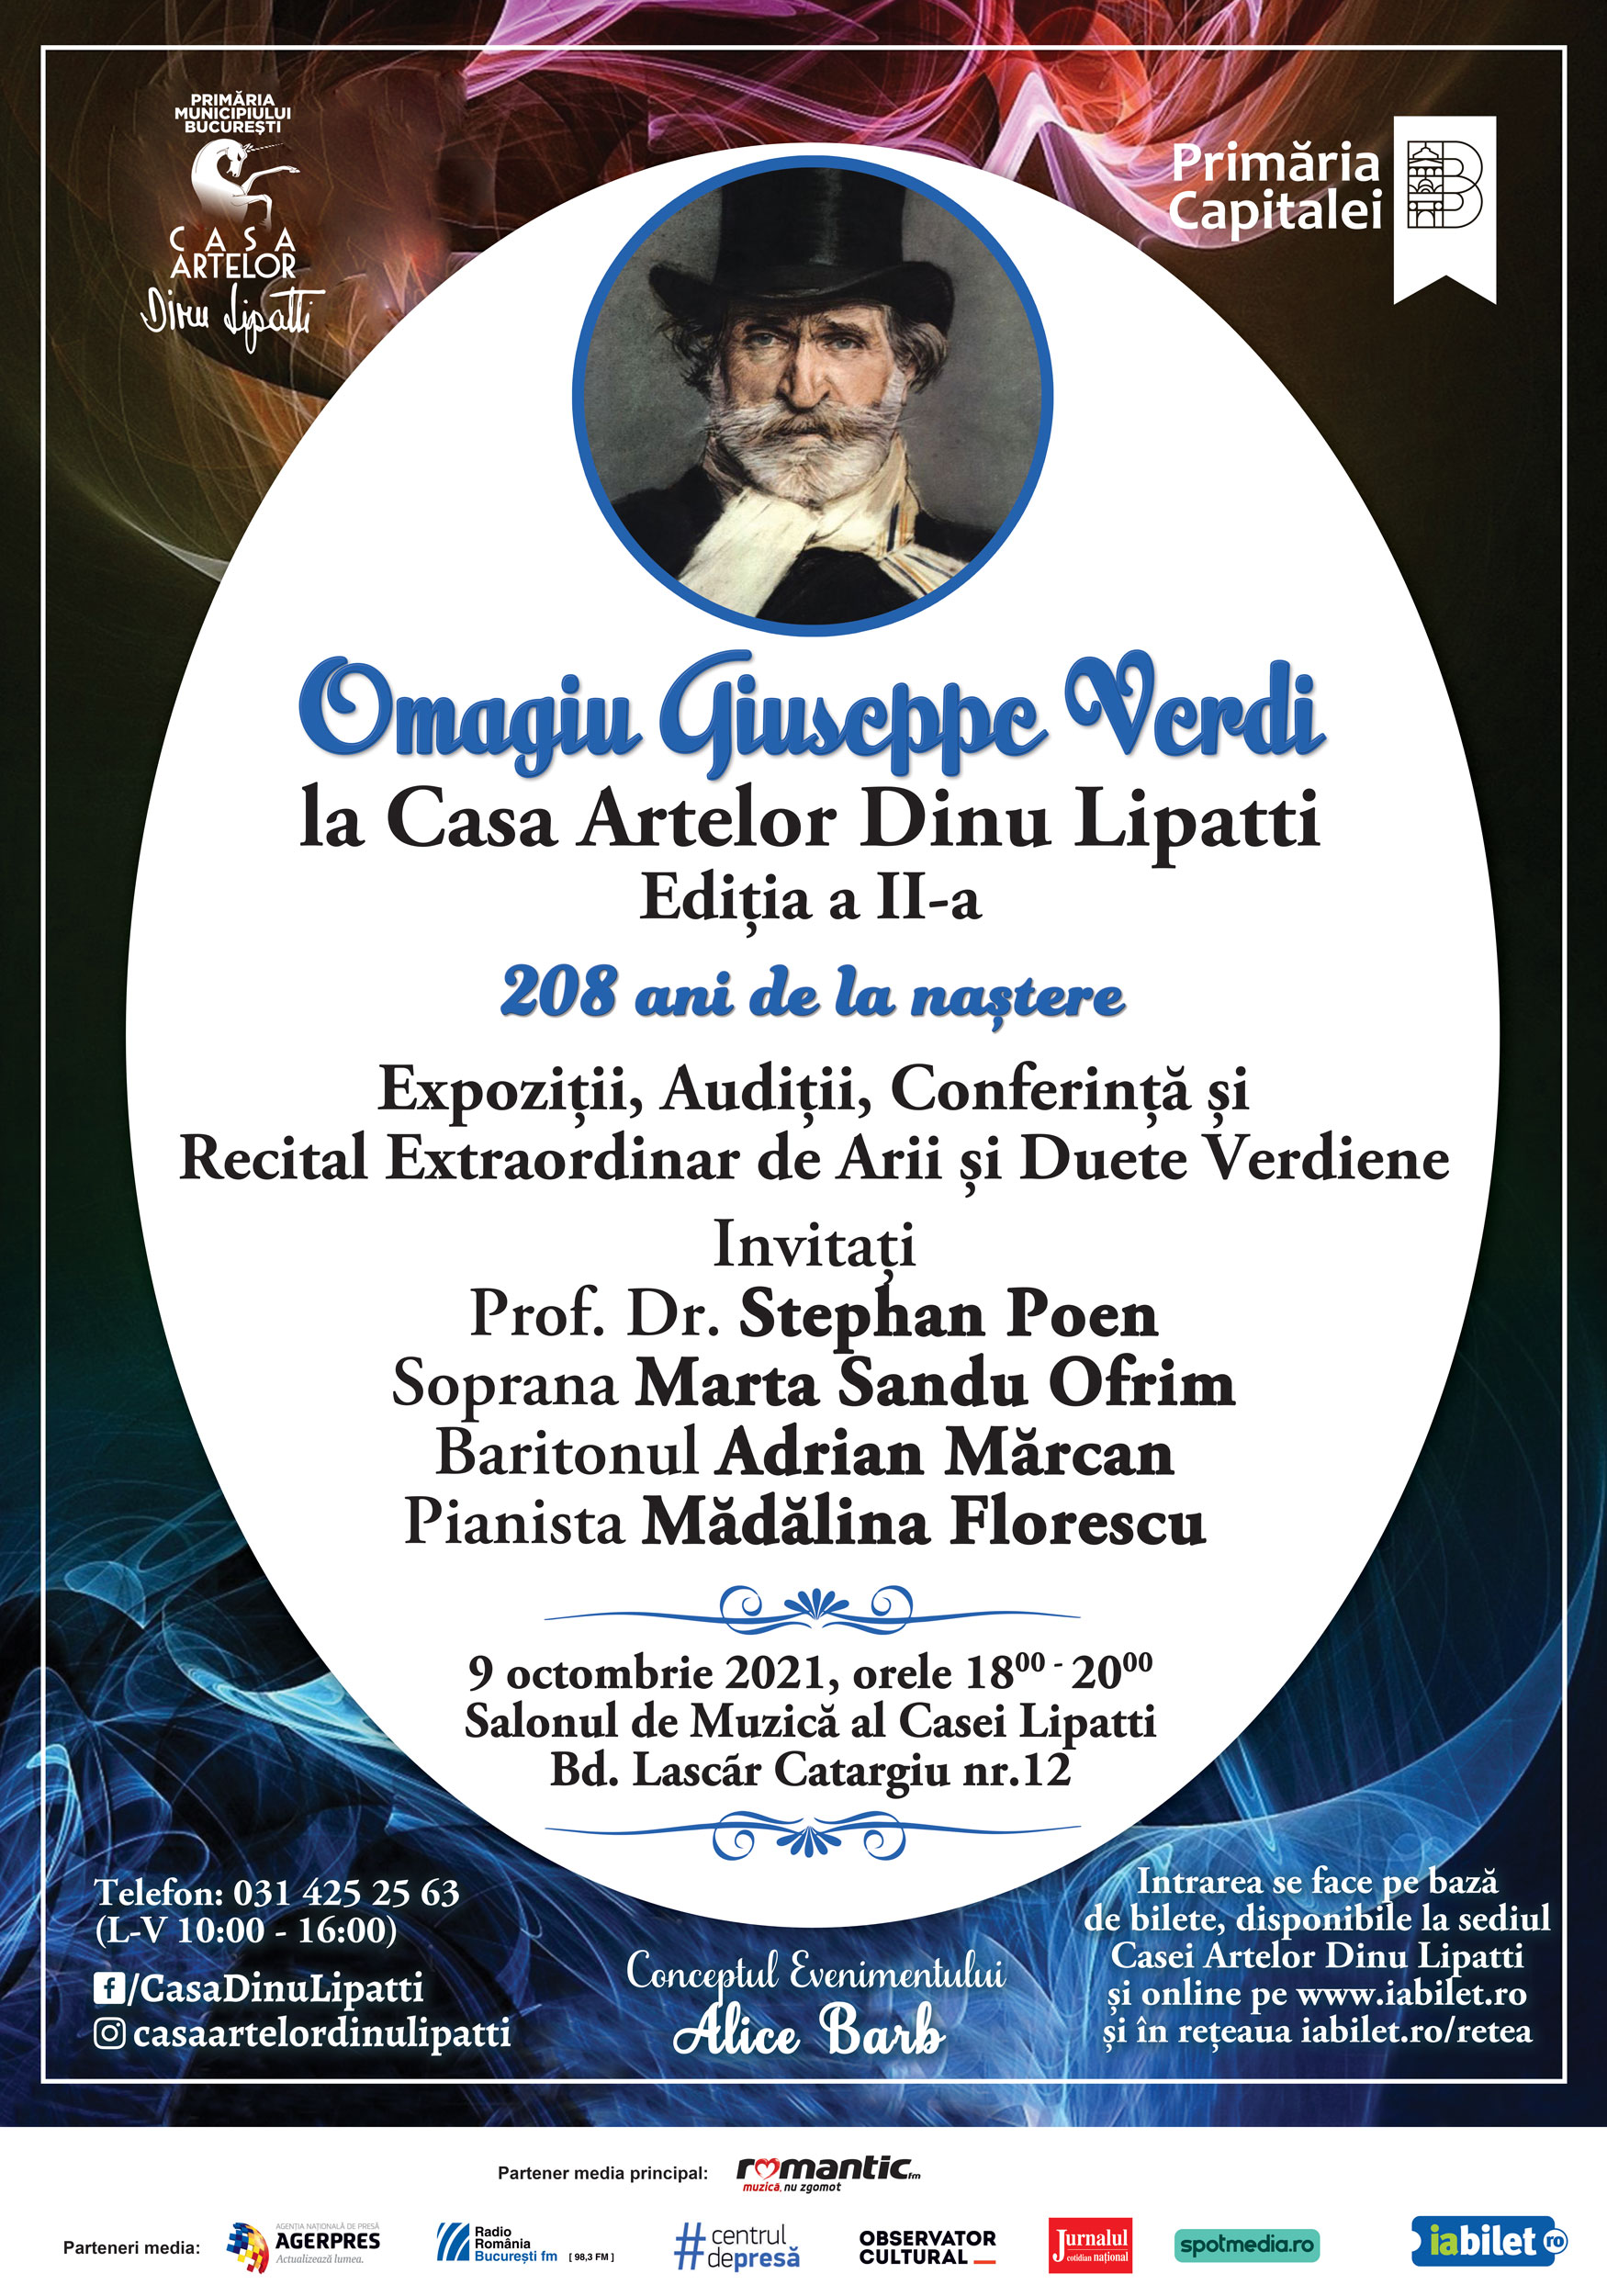 Omagiu Giuseppe Verdi la Casa Artelor Dinu Lipatti, Ediția a II-a 208 ani de la naștere